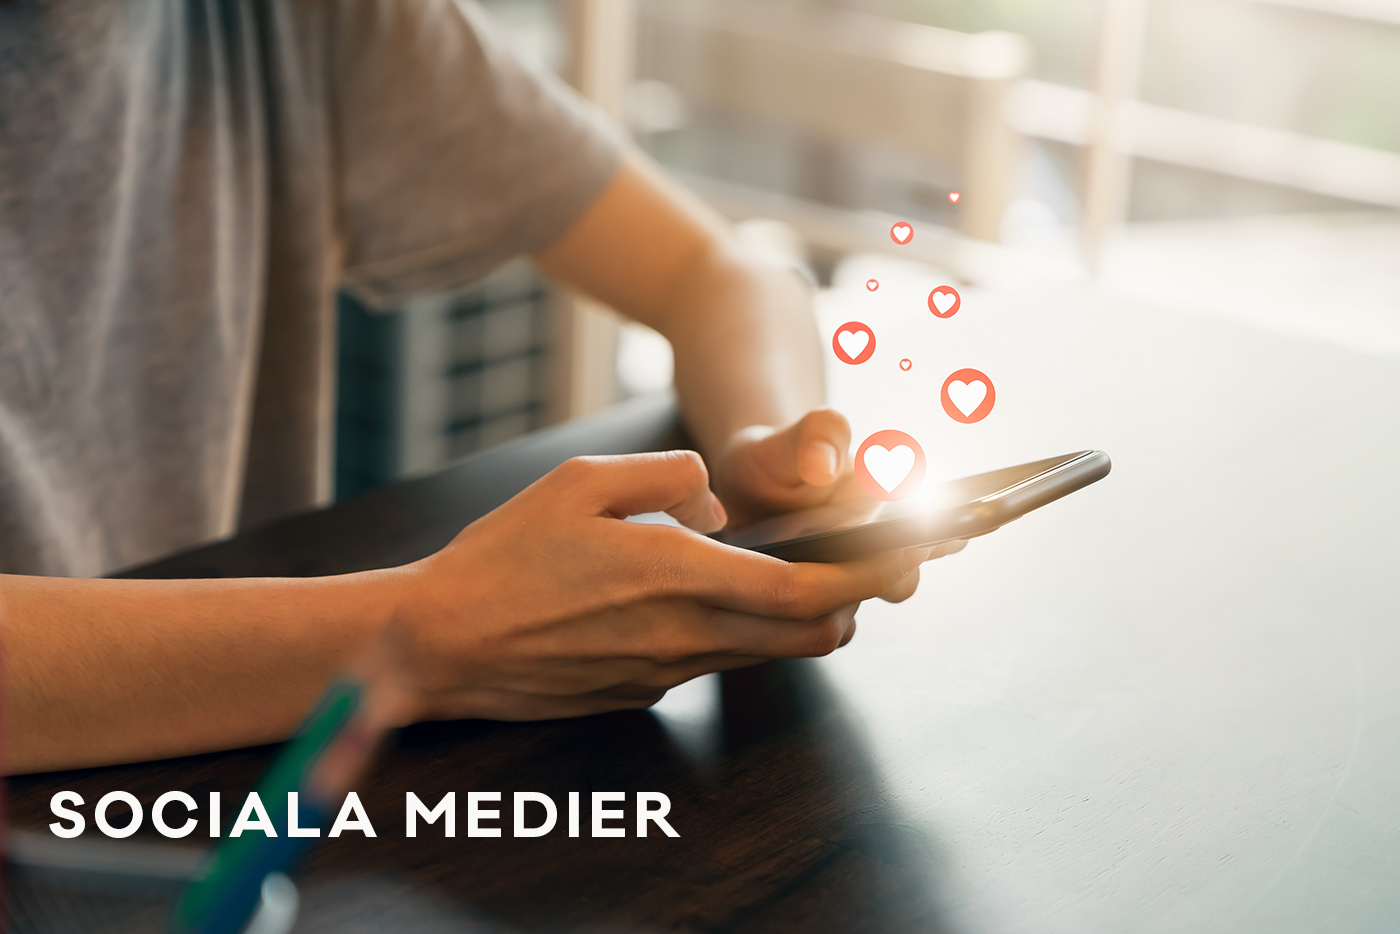 Social media. Kvinnlig hand håller en smartphone